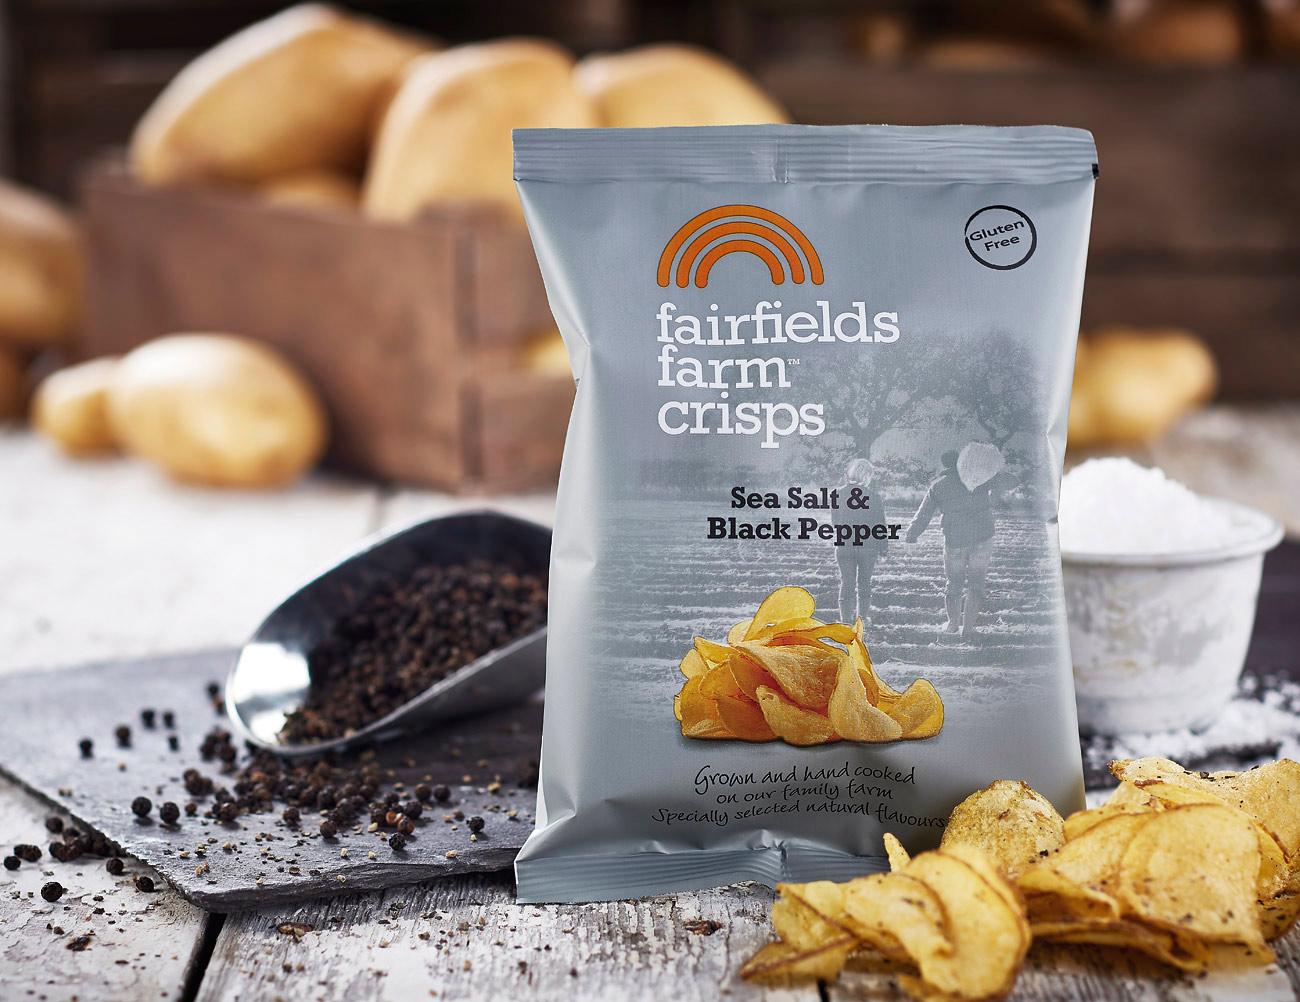 Fairfields Farm Crisps food product photoshoot